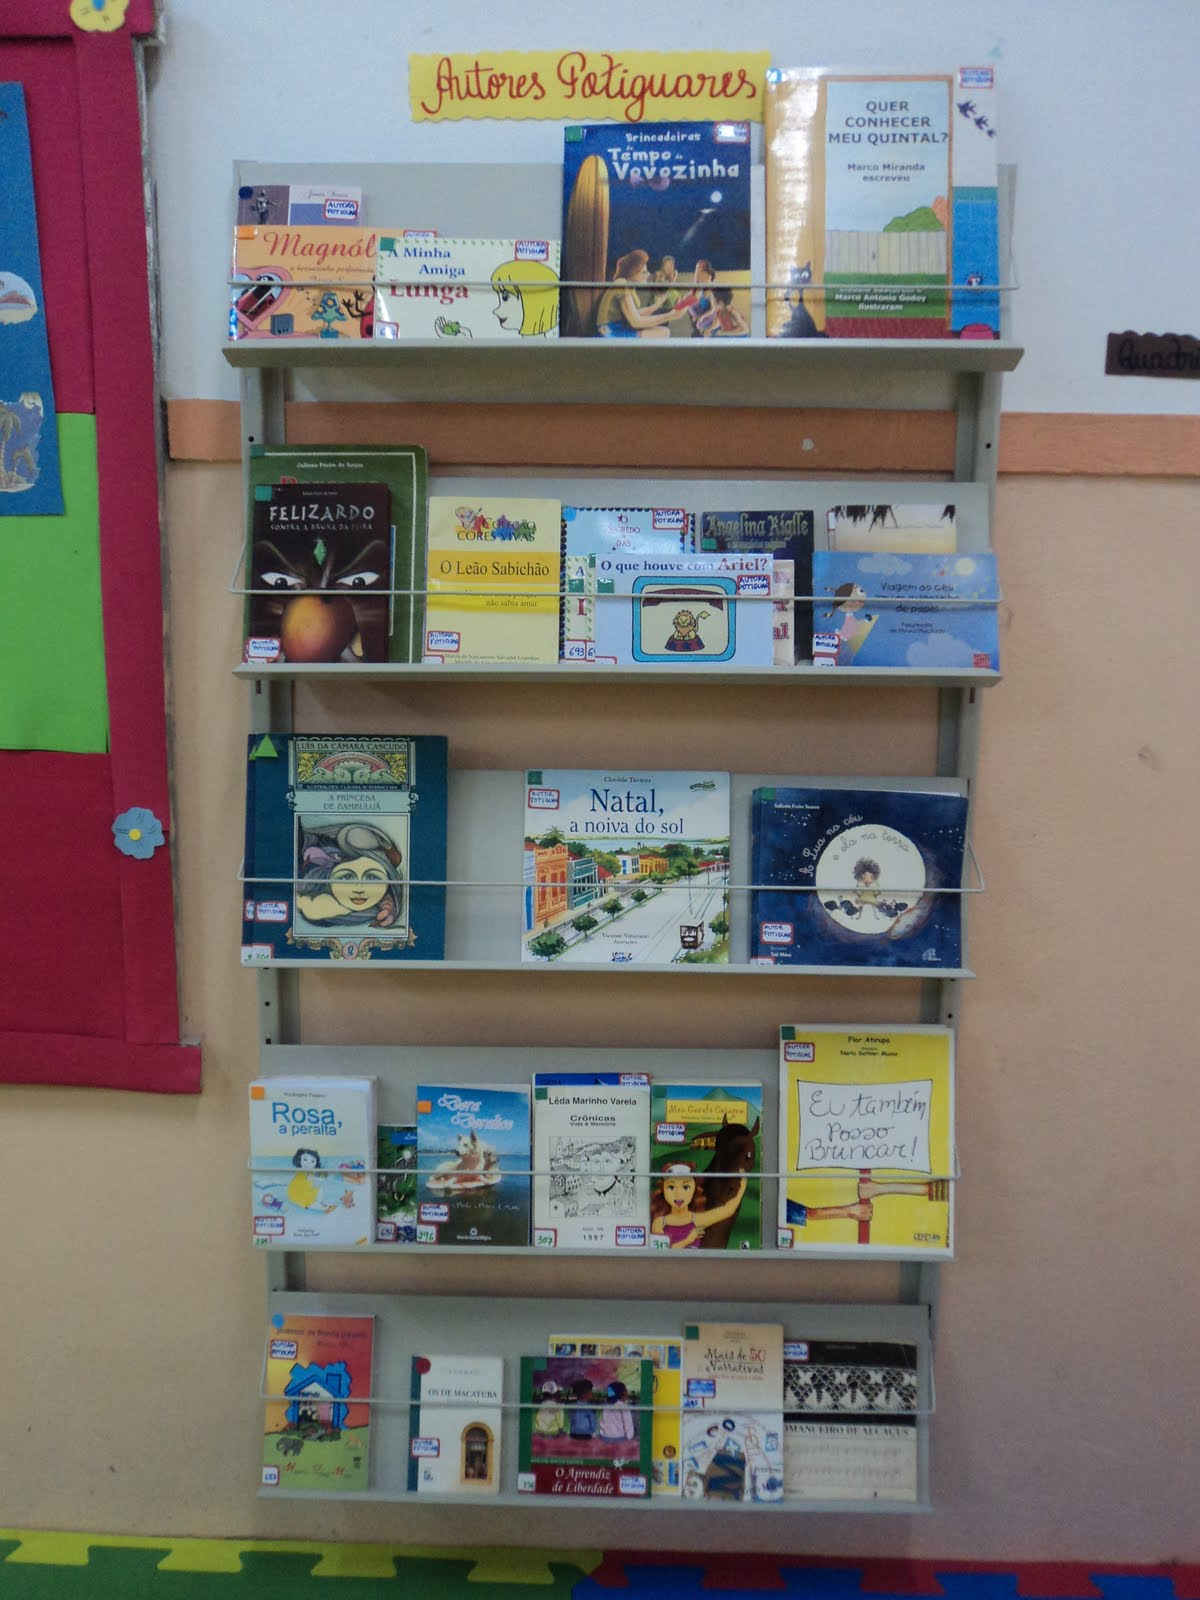 decoracao sala de leitura na escola:ESCOLA ESTADUAL ISABEL GONDIM: Decoração da Sala de Leitura